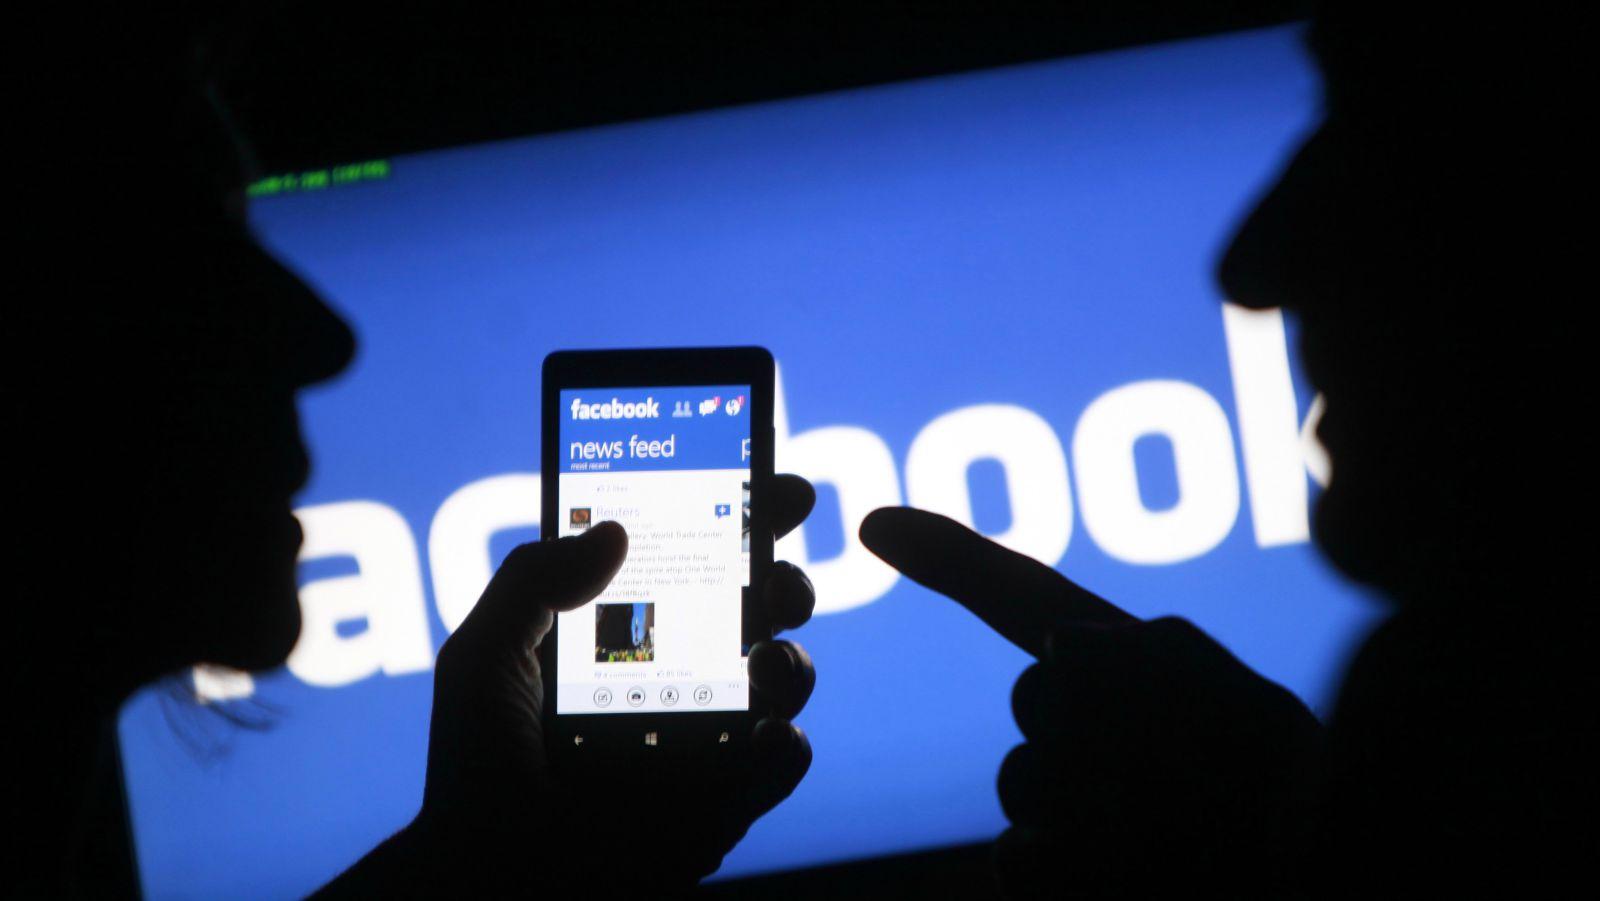 كيفيه تحميل نسخه من بيانات حسابك على الفيسبوك 3